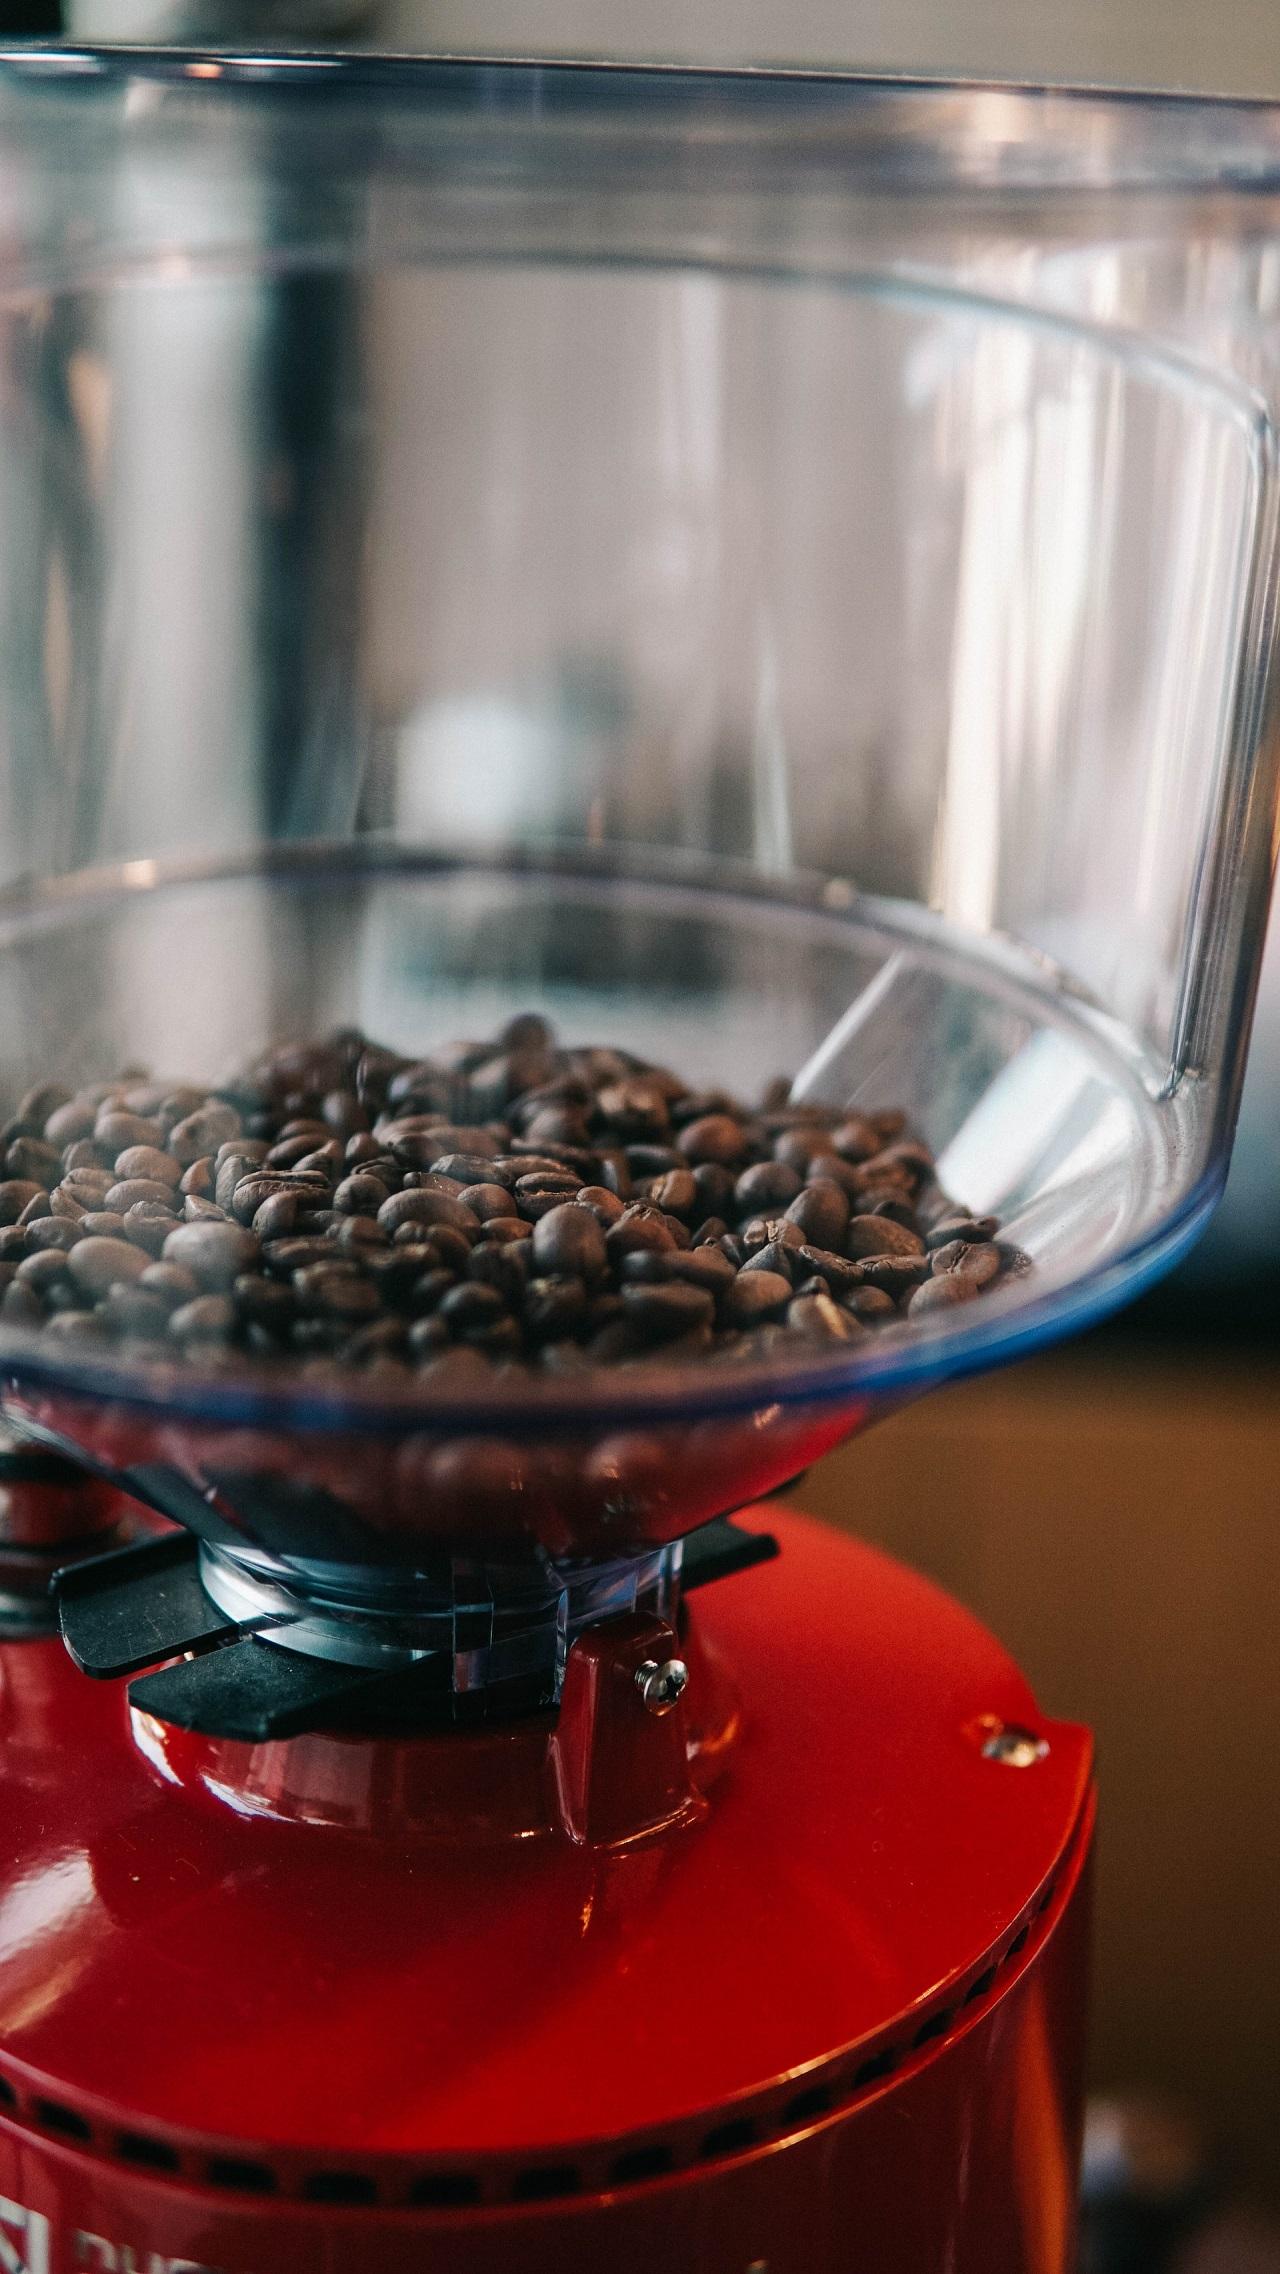 Eine elektrische Espressomühle verfügt in der Regel über einen großen Behälter für reichlich Kaffeebohnen.